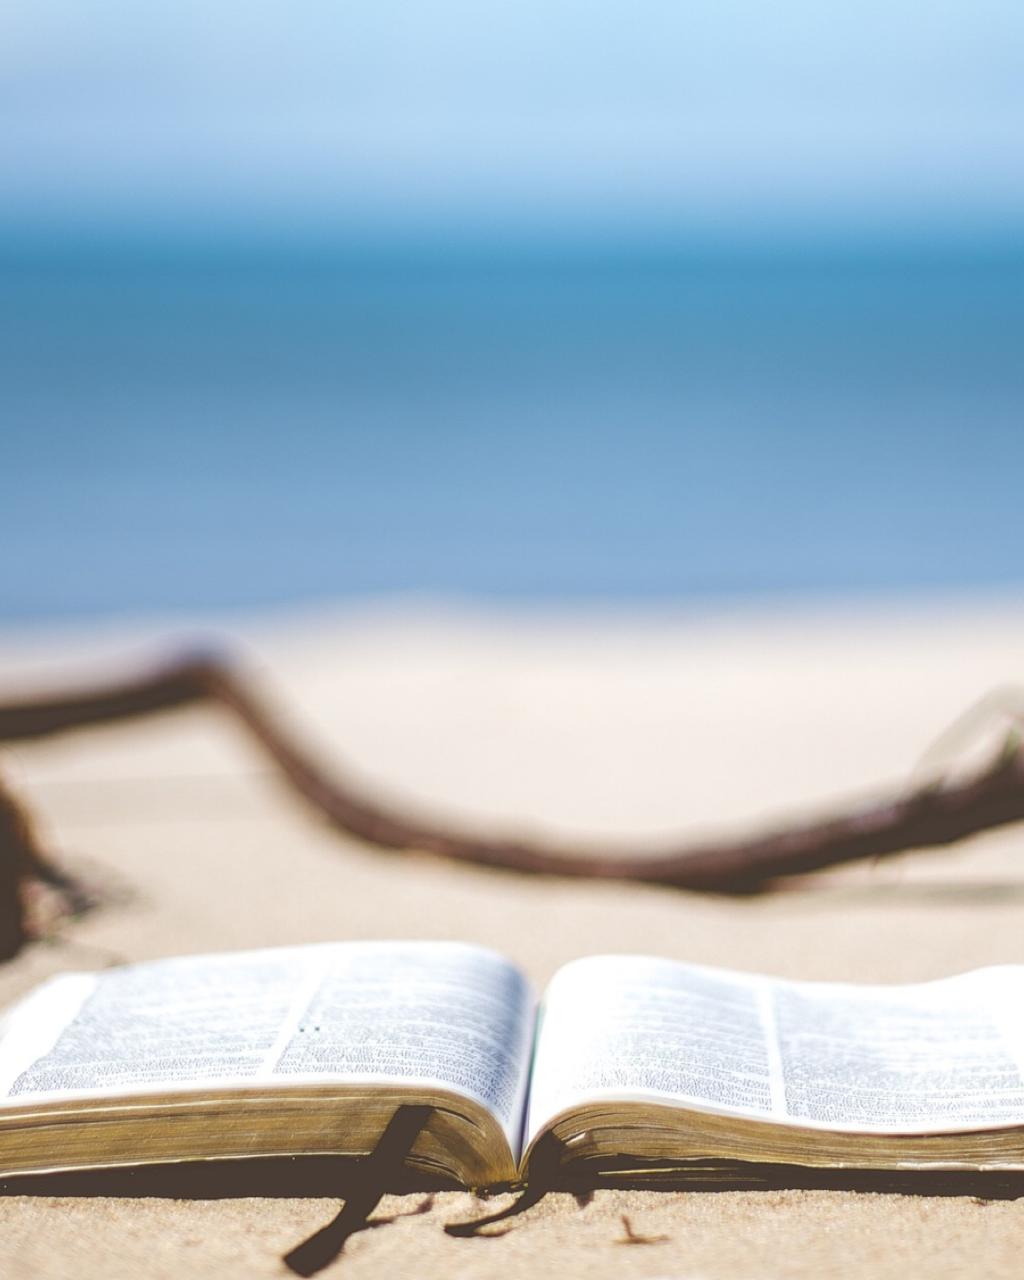 Lesetipps für den Urlaub